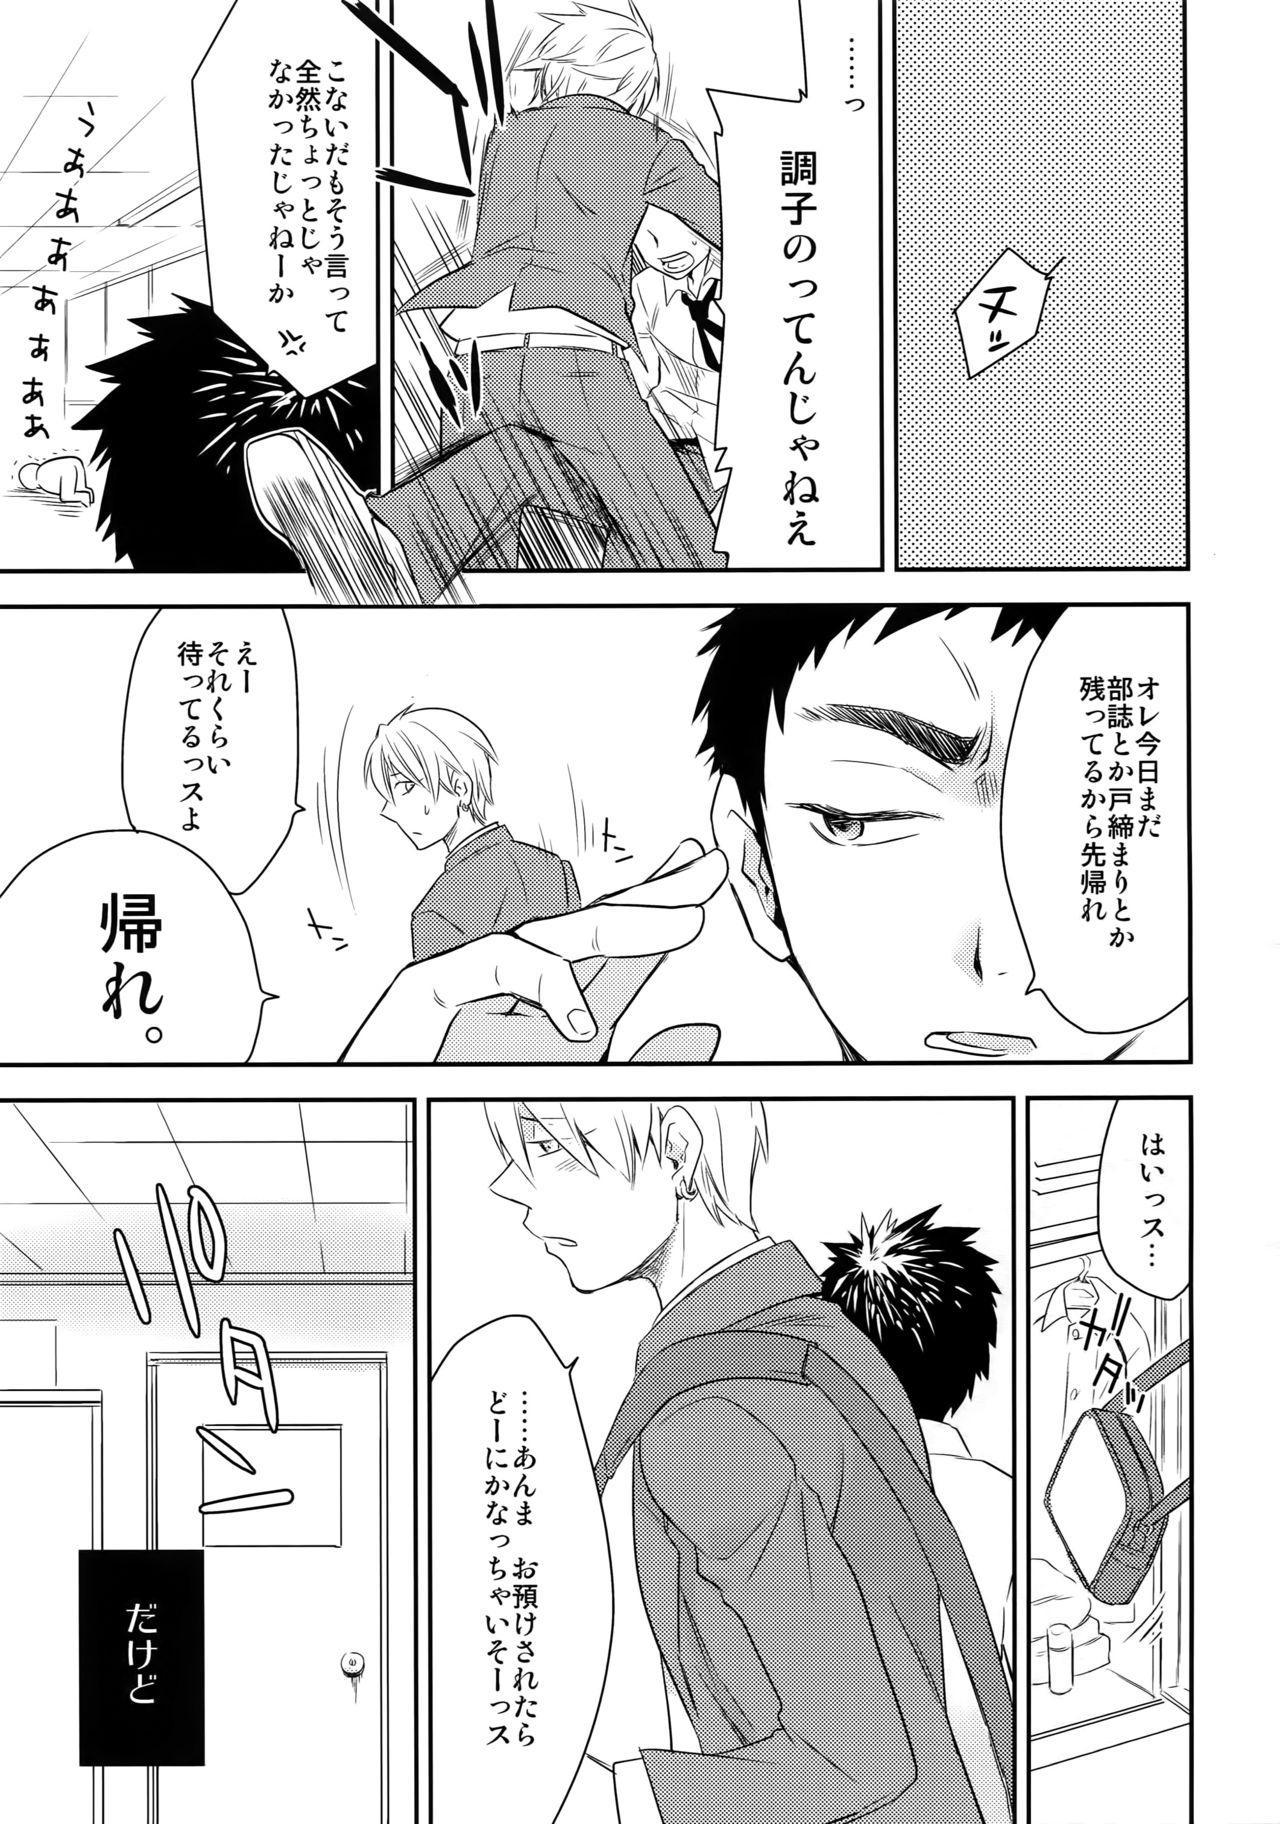 [Bakuchi Jinsei SP (Satsuki Fumi)] Kanpeki Kareshi to Zettai Ryouiki Ouji-sama - Another Version - (Kuroko no Basket) 89